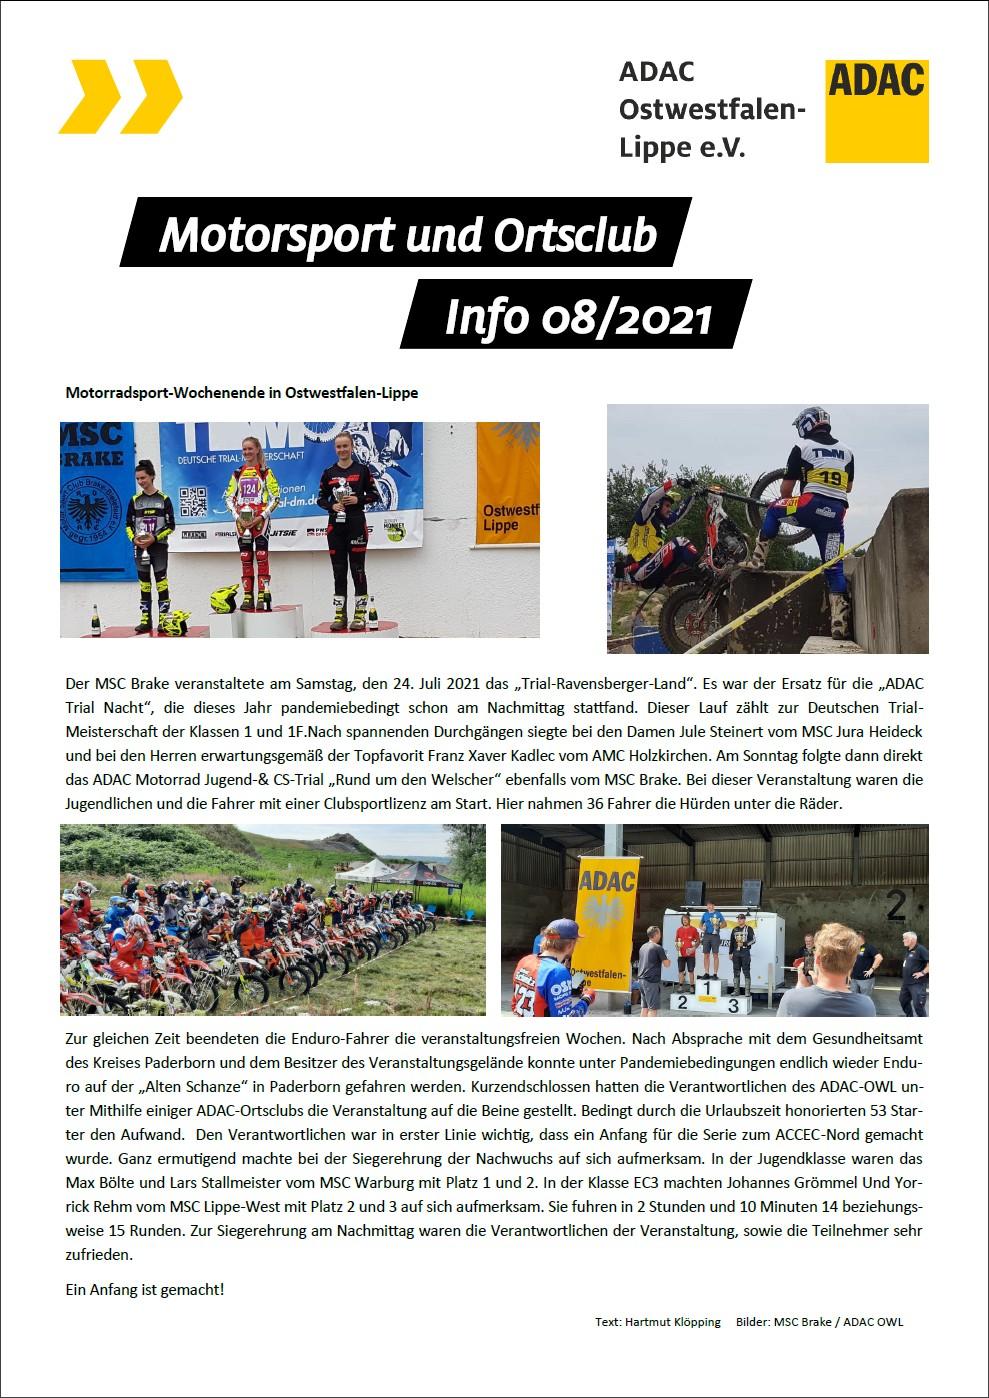 Motorsport und Ortsclub Info 08 2021